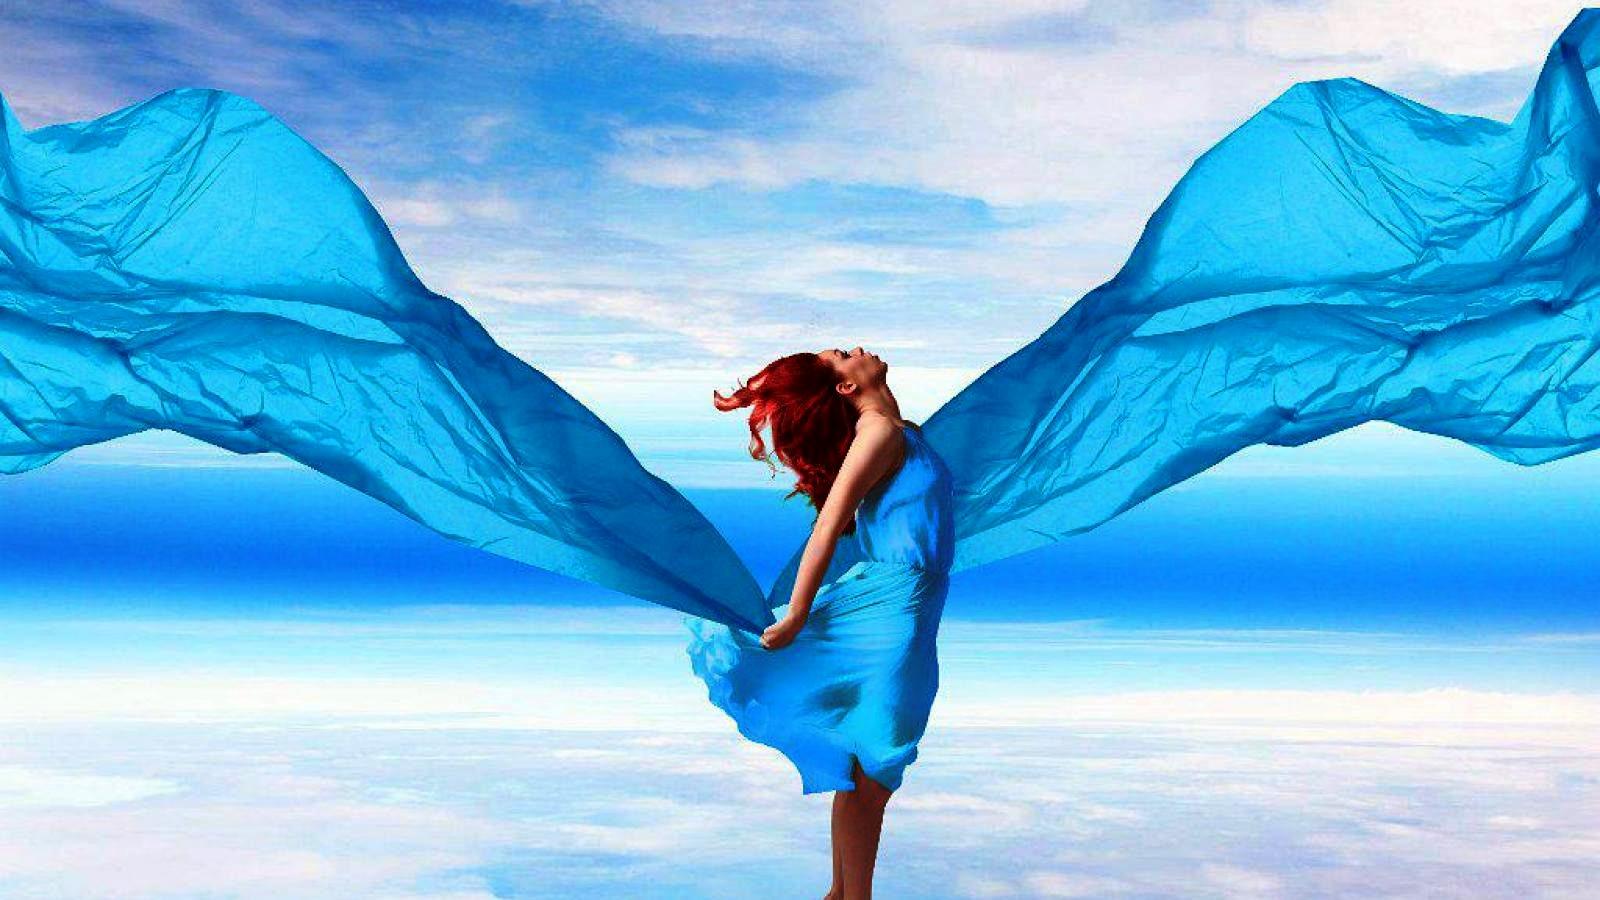 Можно ли с помощью медитации избавиться от страха и как это сделать?